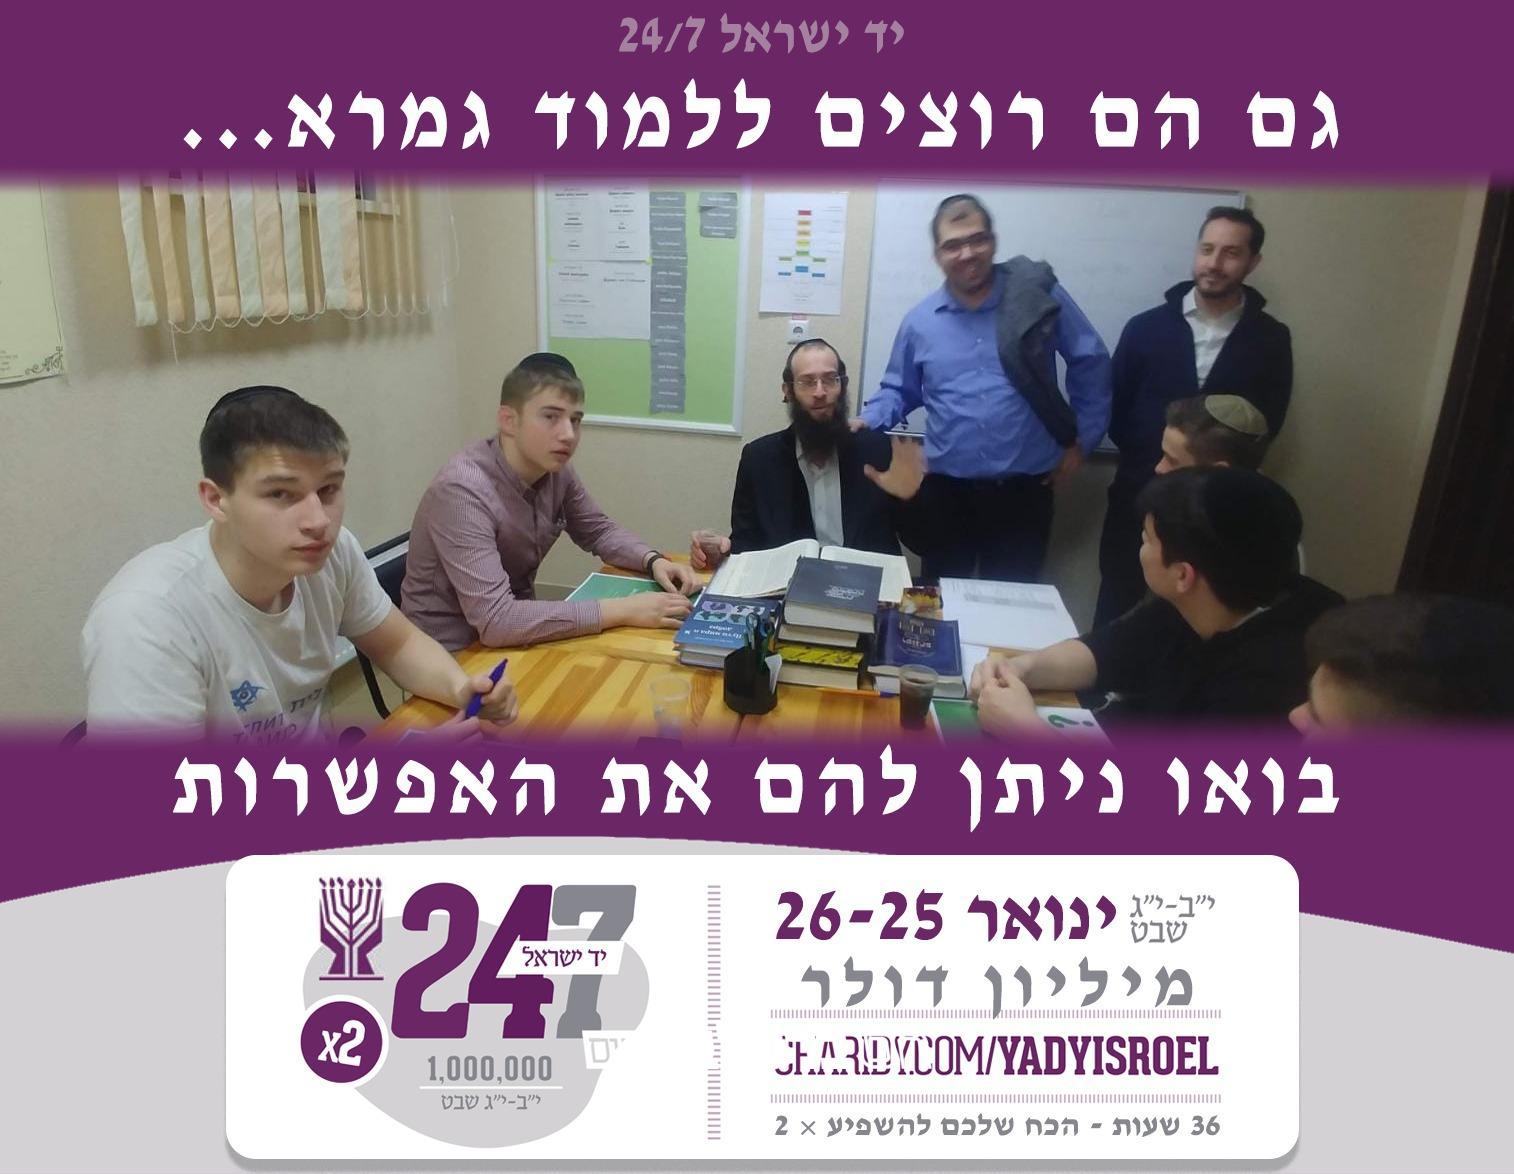 יד ישראל 24\7: עומדים לימין מוסדותיו של הרב פימה בבלארוס